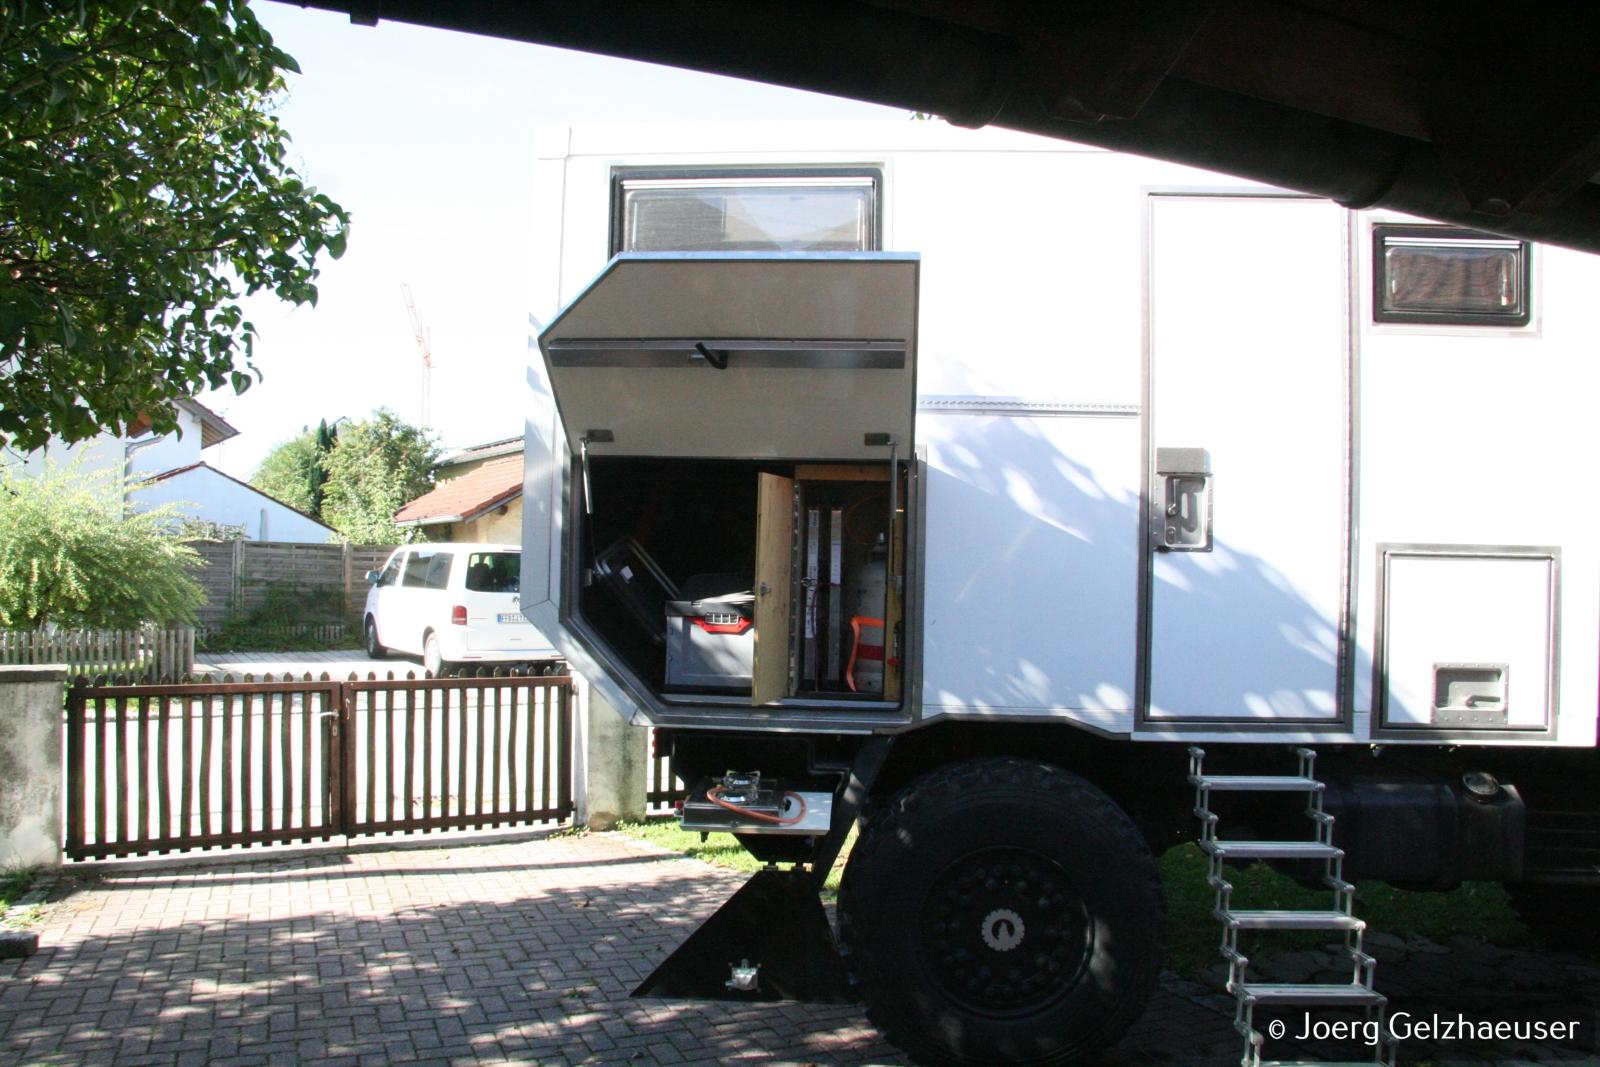 Unimog - Das universelle Motor-(Fernreise)-Gerät - Gaskasten und Heckstauraum.